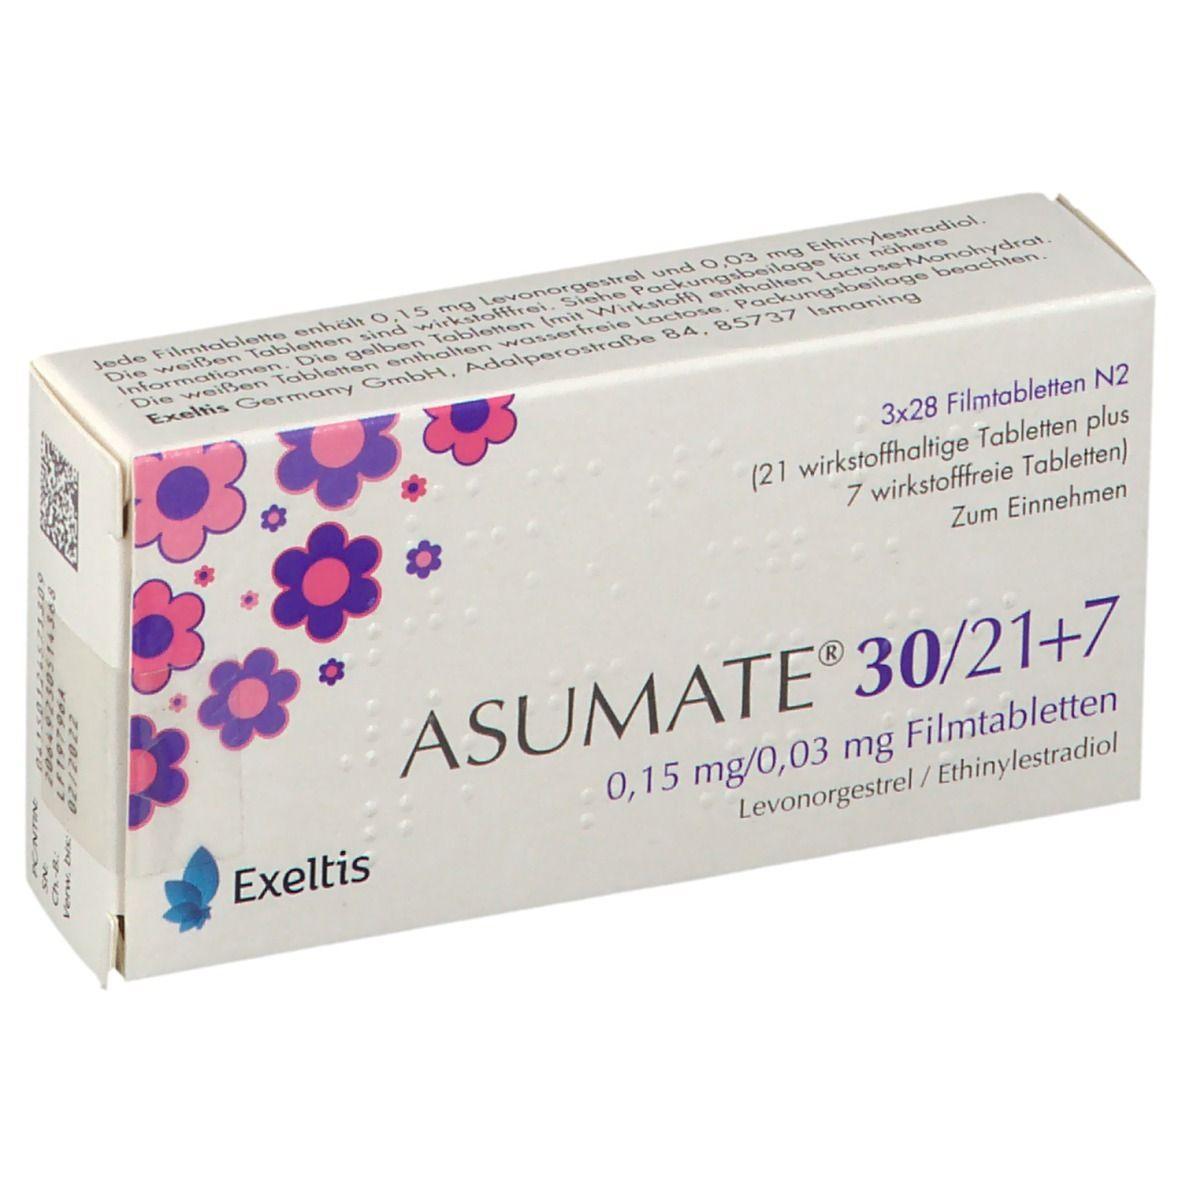 ASUMATE 30/21+7 0,15 mg/0,03 mg Filmtabletten 84 St - shop